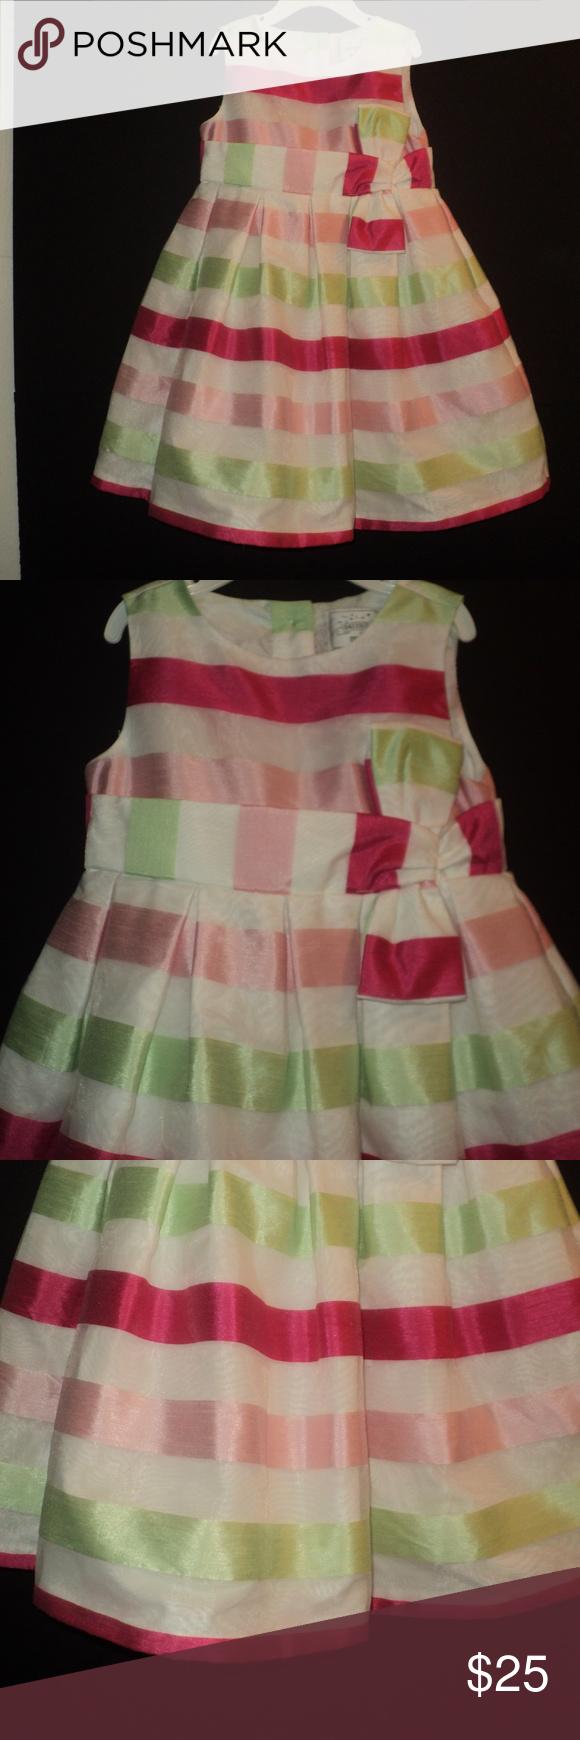 Dressed Up By Gymboree Girls 4t Party Dress Clothes Design Dress Up Gymboree Dresses [ 1740 x 580 Pixel ]